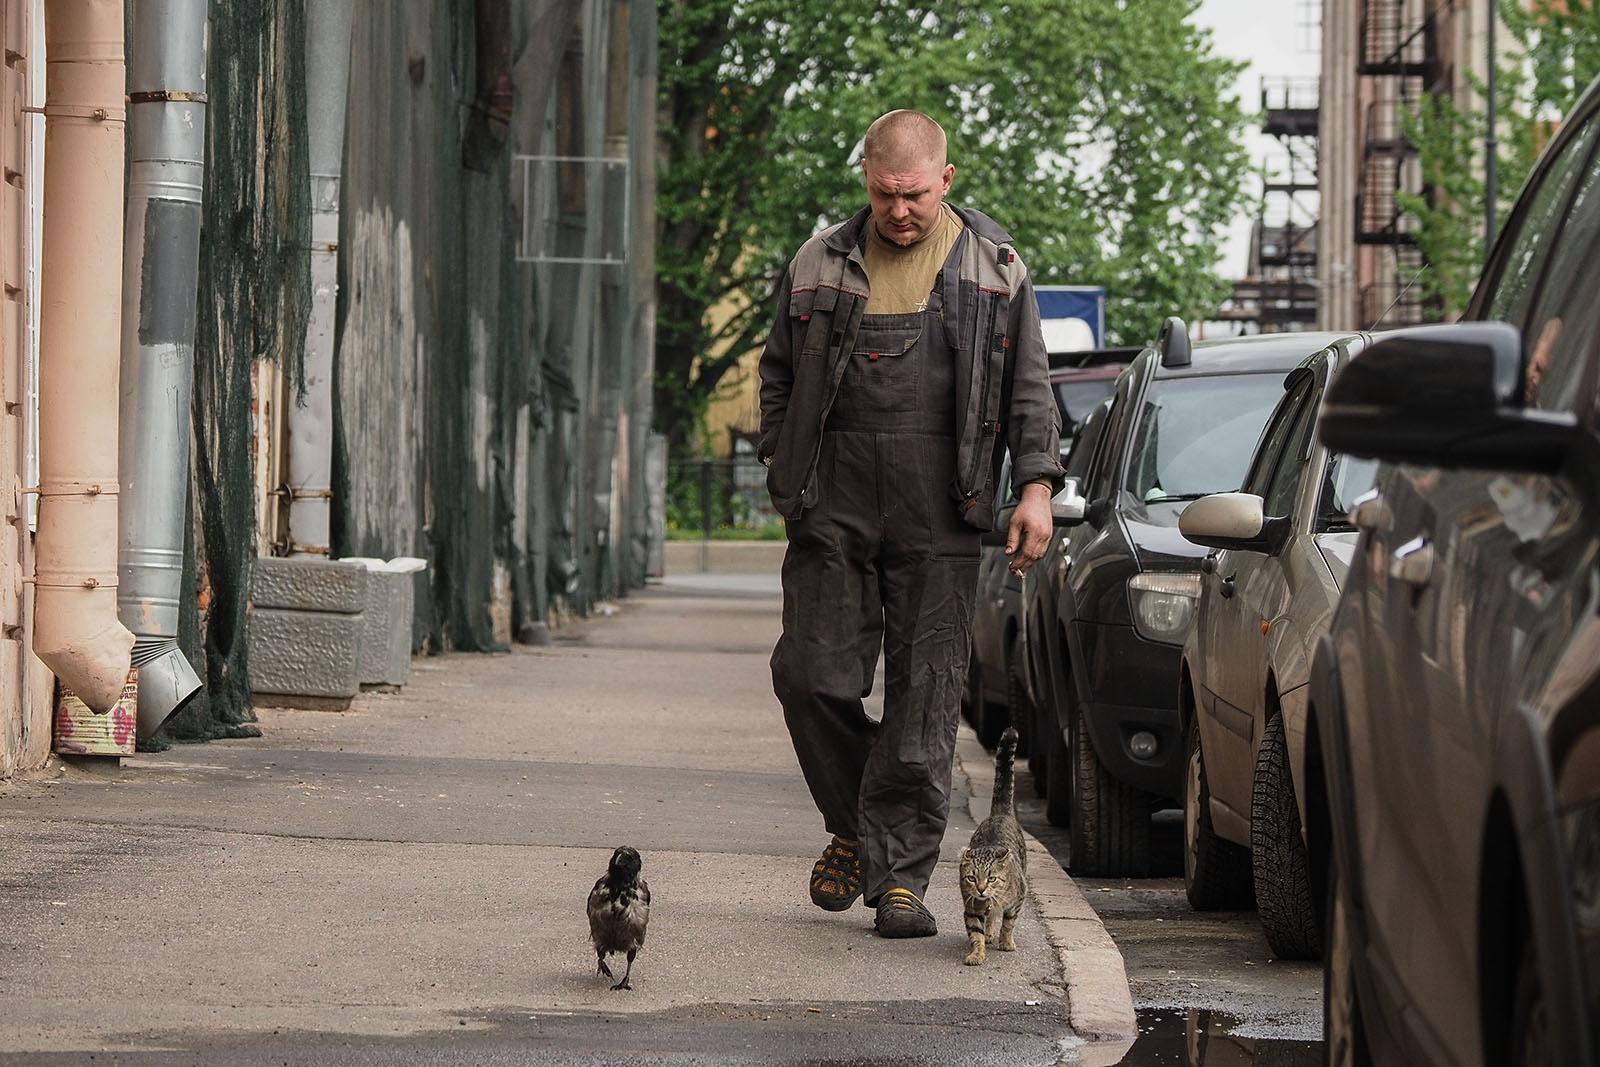 Кошка, ворона и человек шли на работу. Трое из Коломны  крупным планом